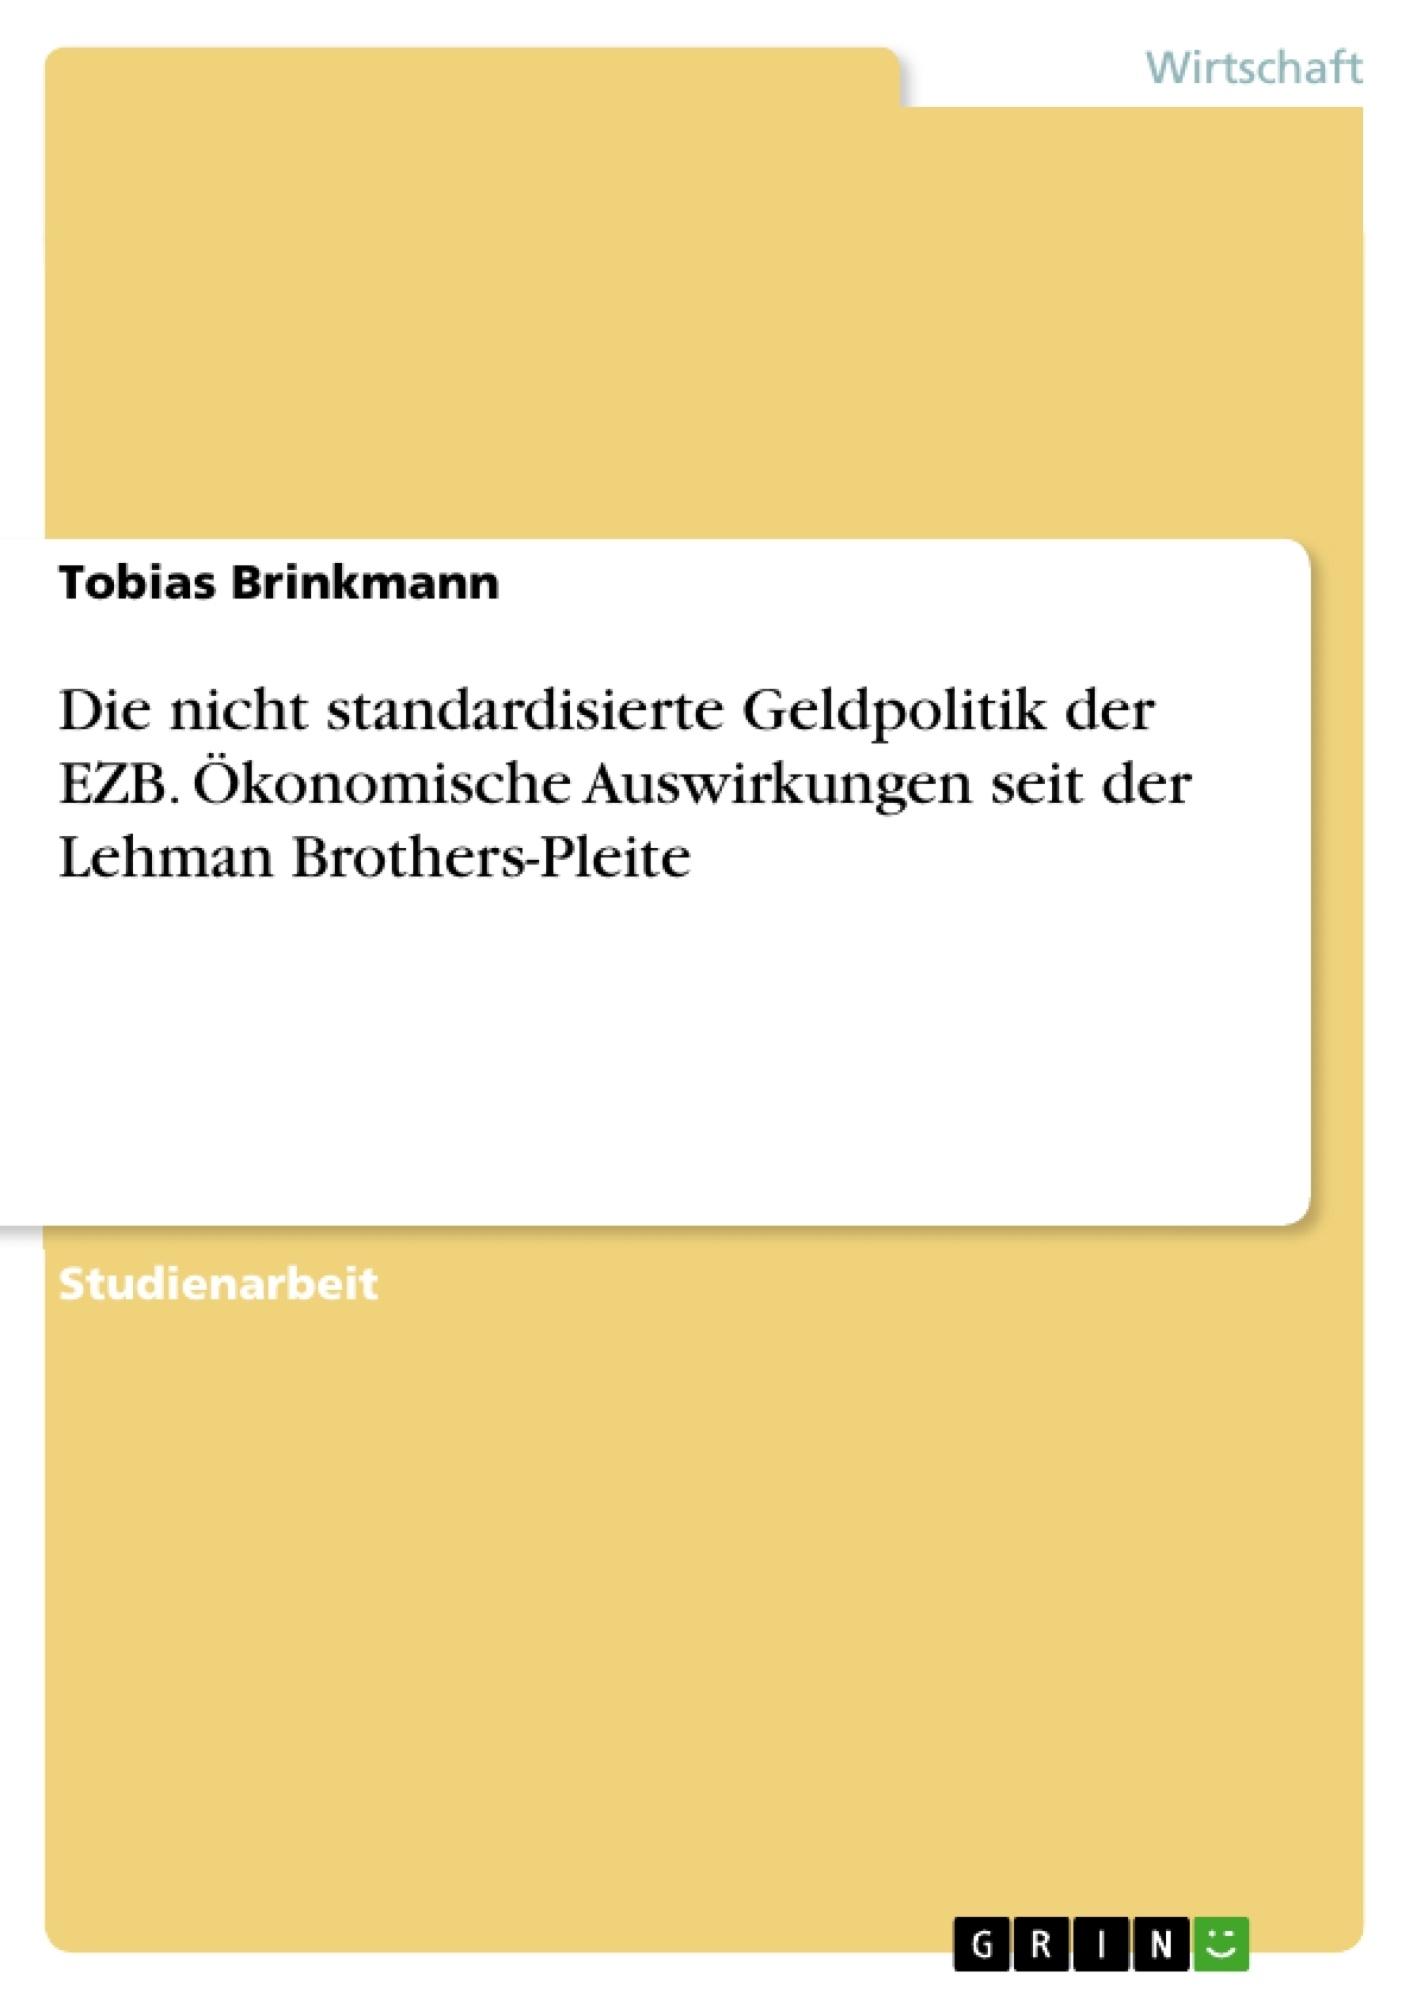 Titel: Die nicht standardisierte Geldpolitik der EZB. Ökonomische Auswirkungen seit der Lehman Brothers-Pleite